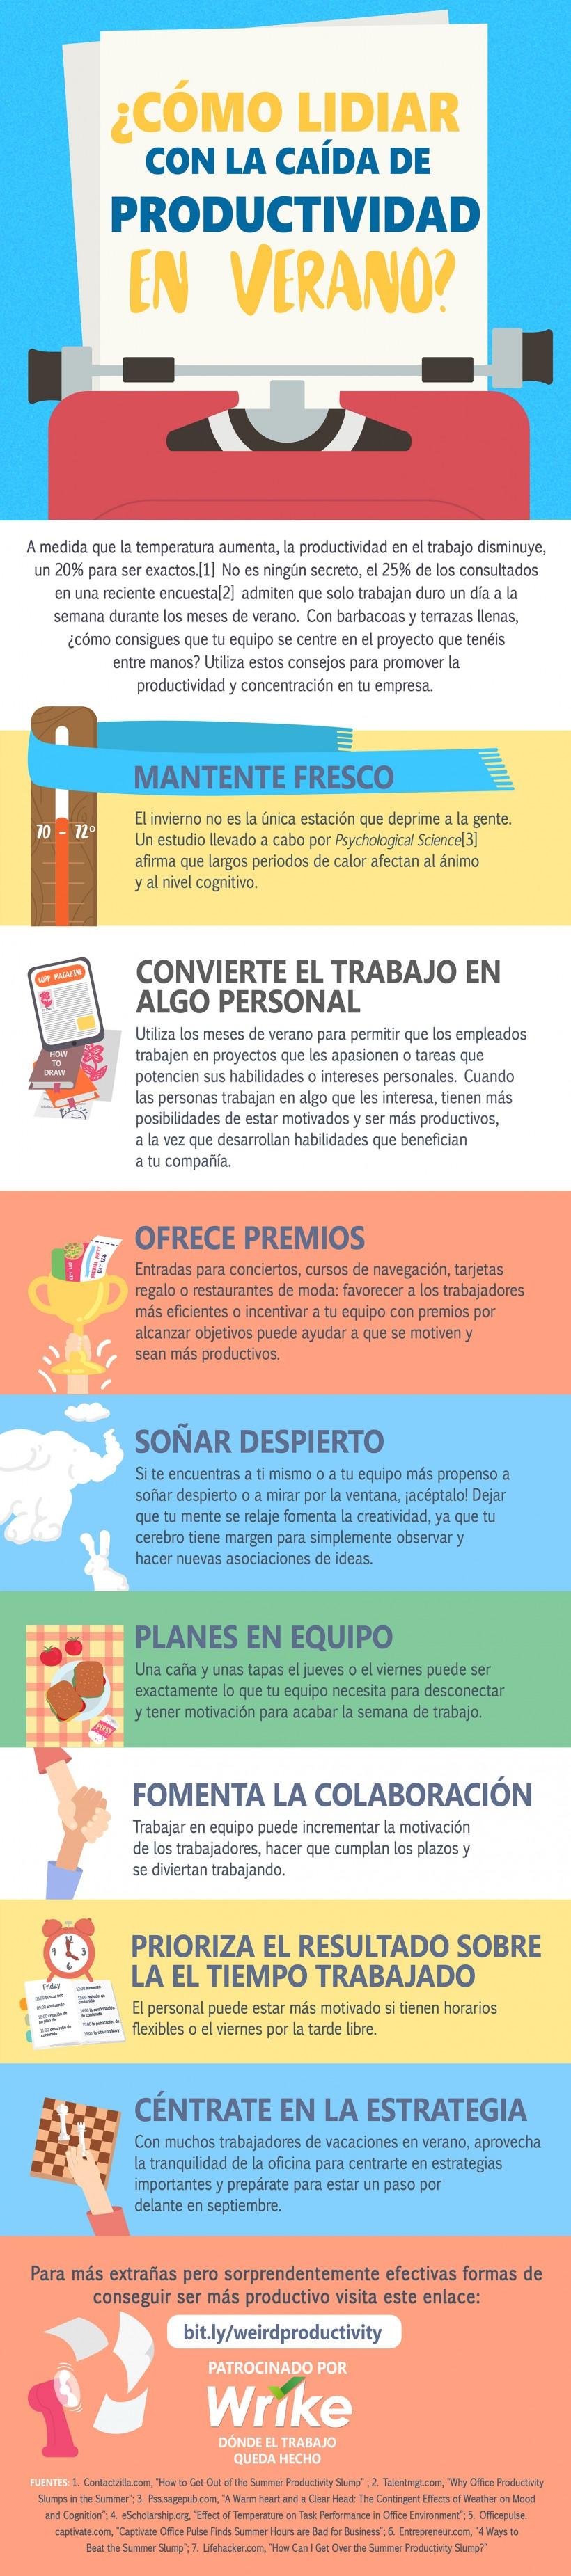 8 Trucos para Combatir la Caída de Productividad en Verano (Infografía)